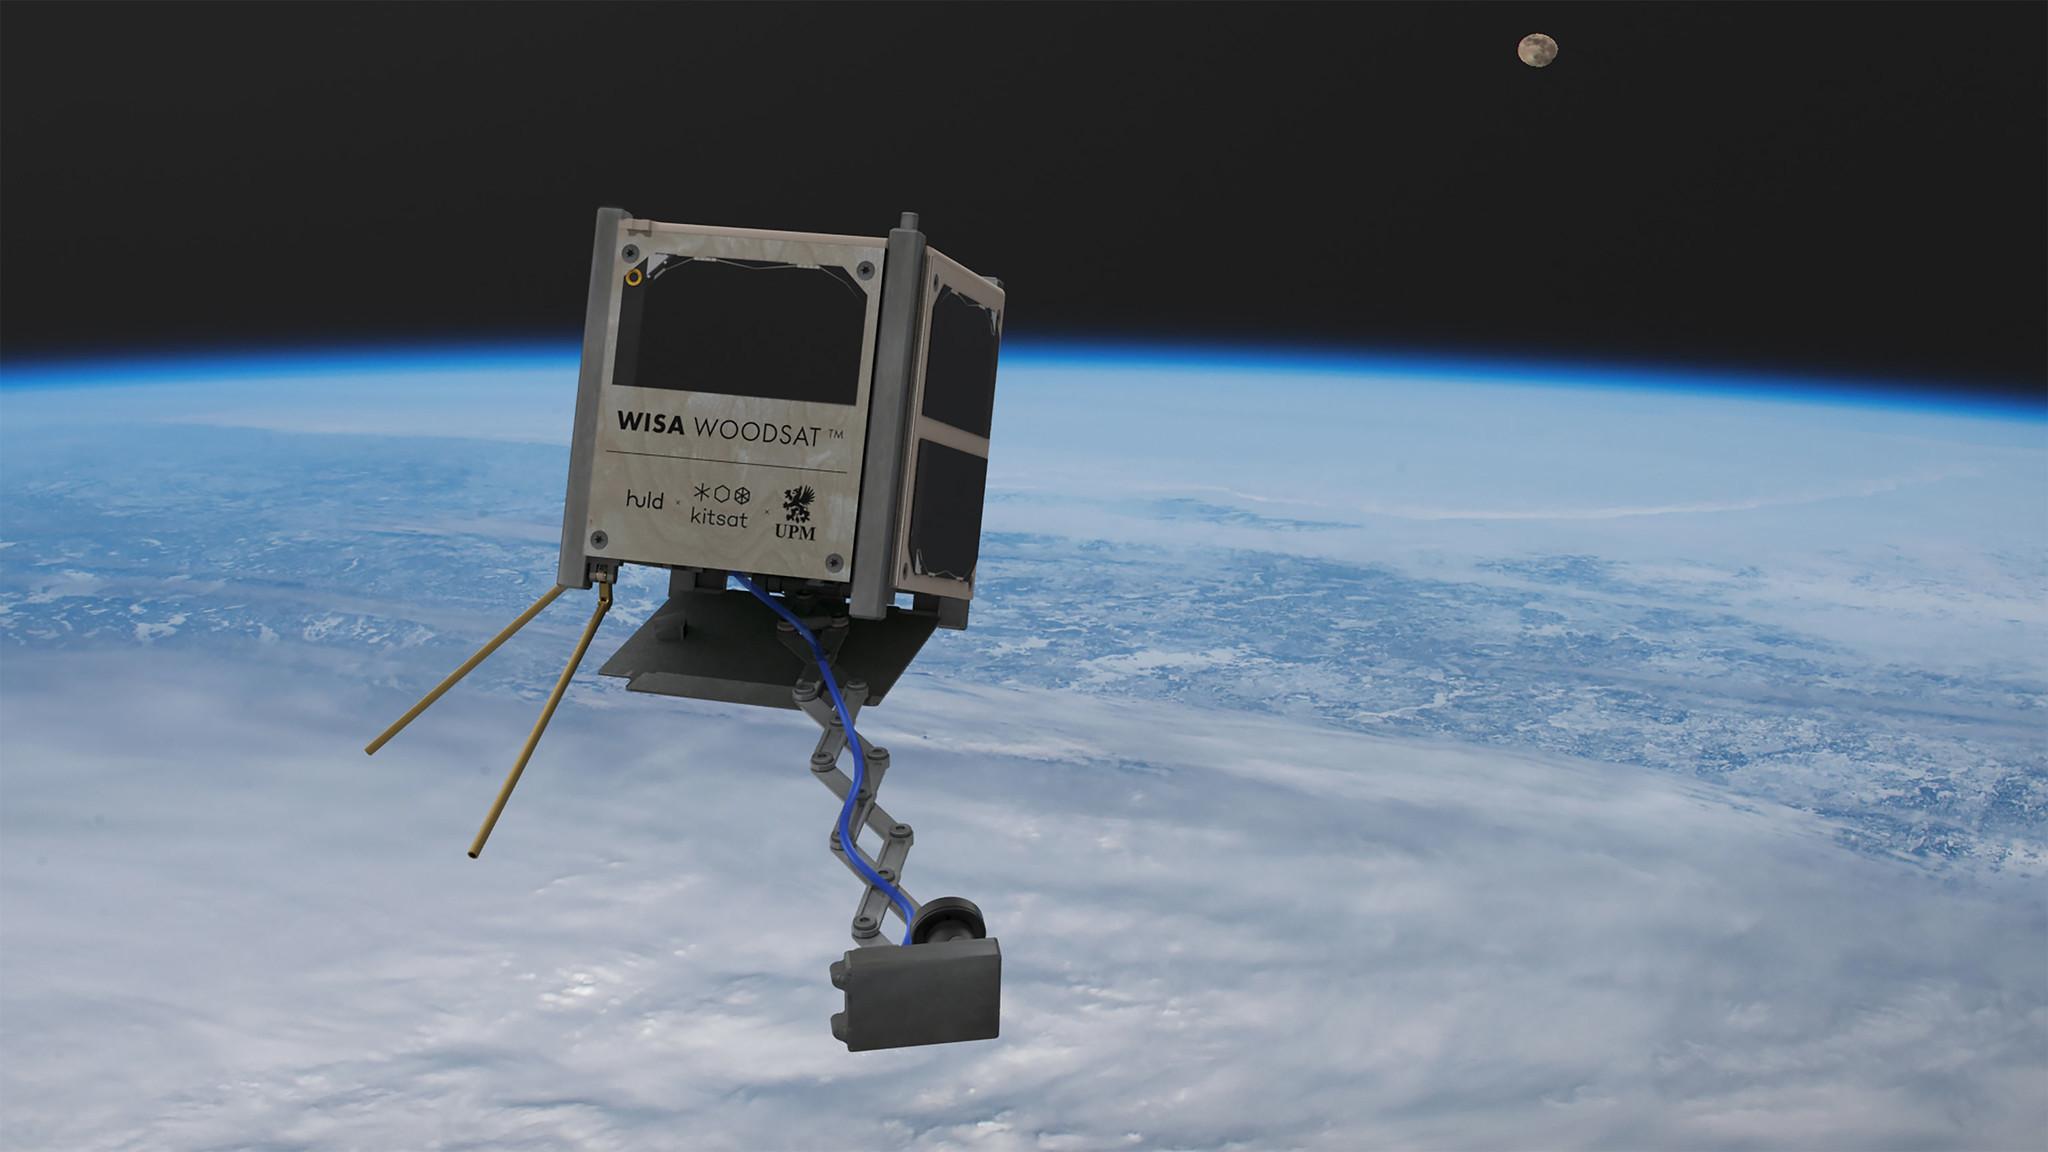 Eckige Holzkiste mit Antennen im Weltraum